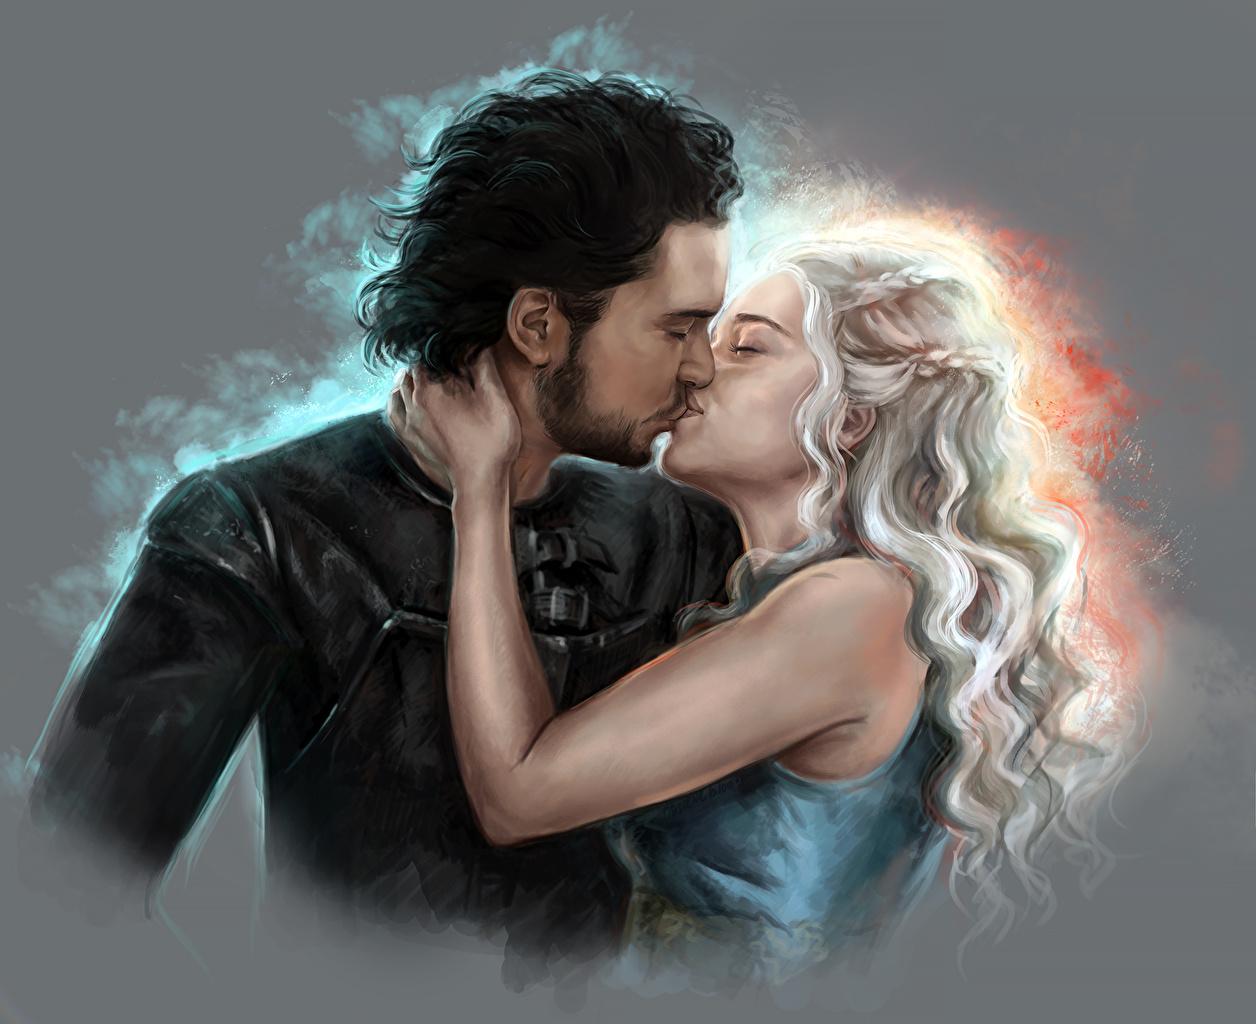 Free Download Wallpaper Game Of Thrones Daenerys Targaryen Emilia